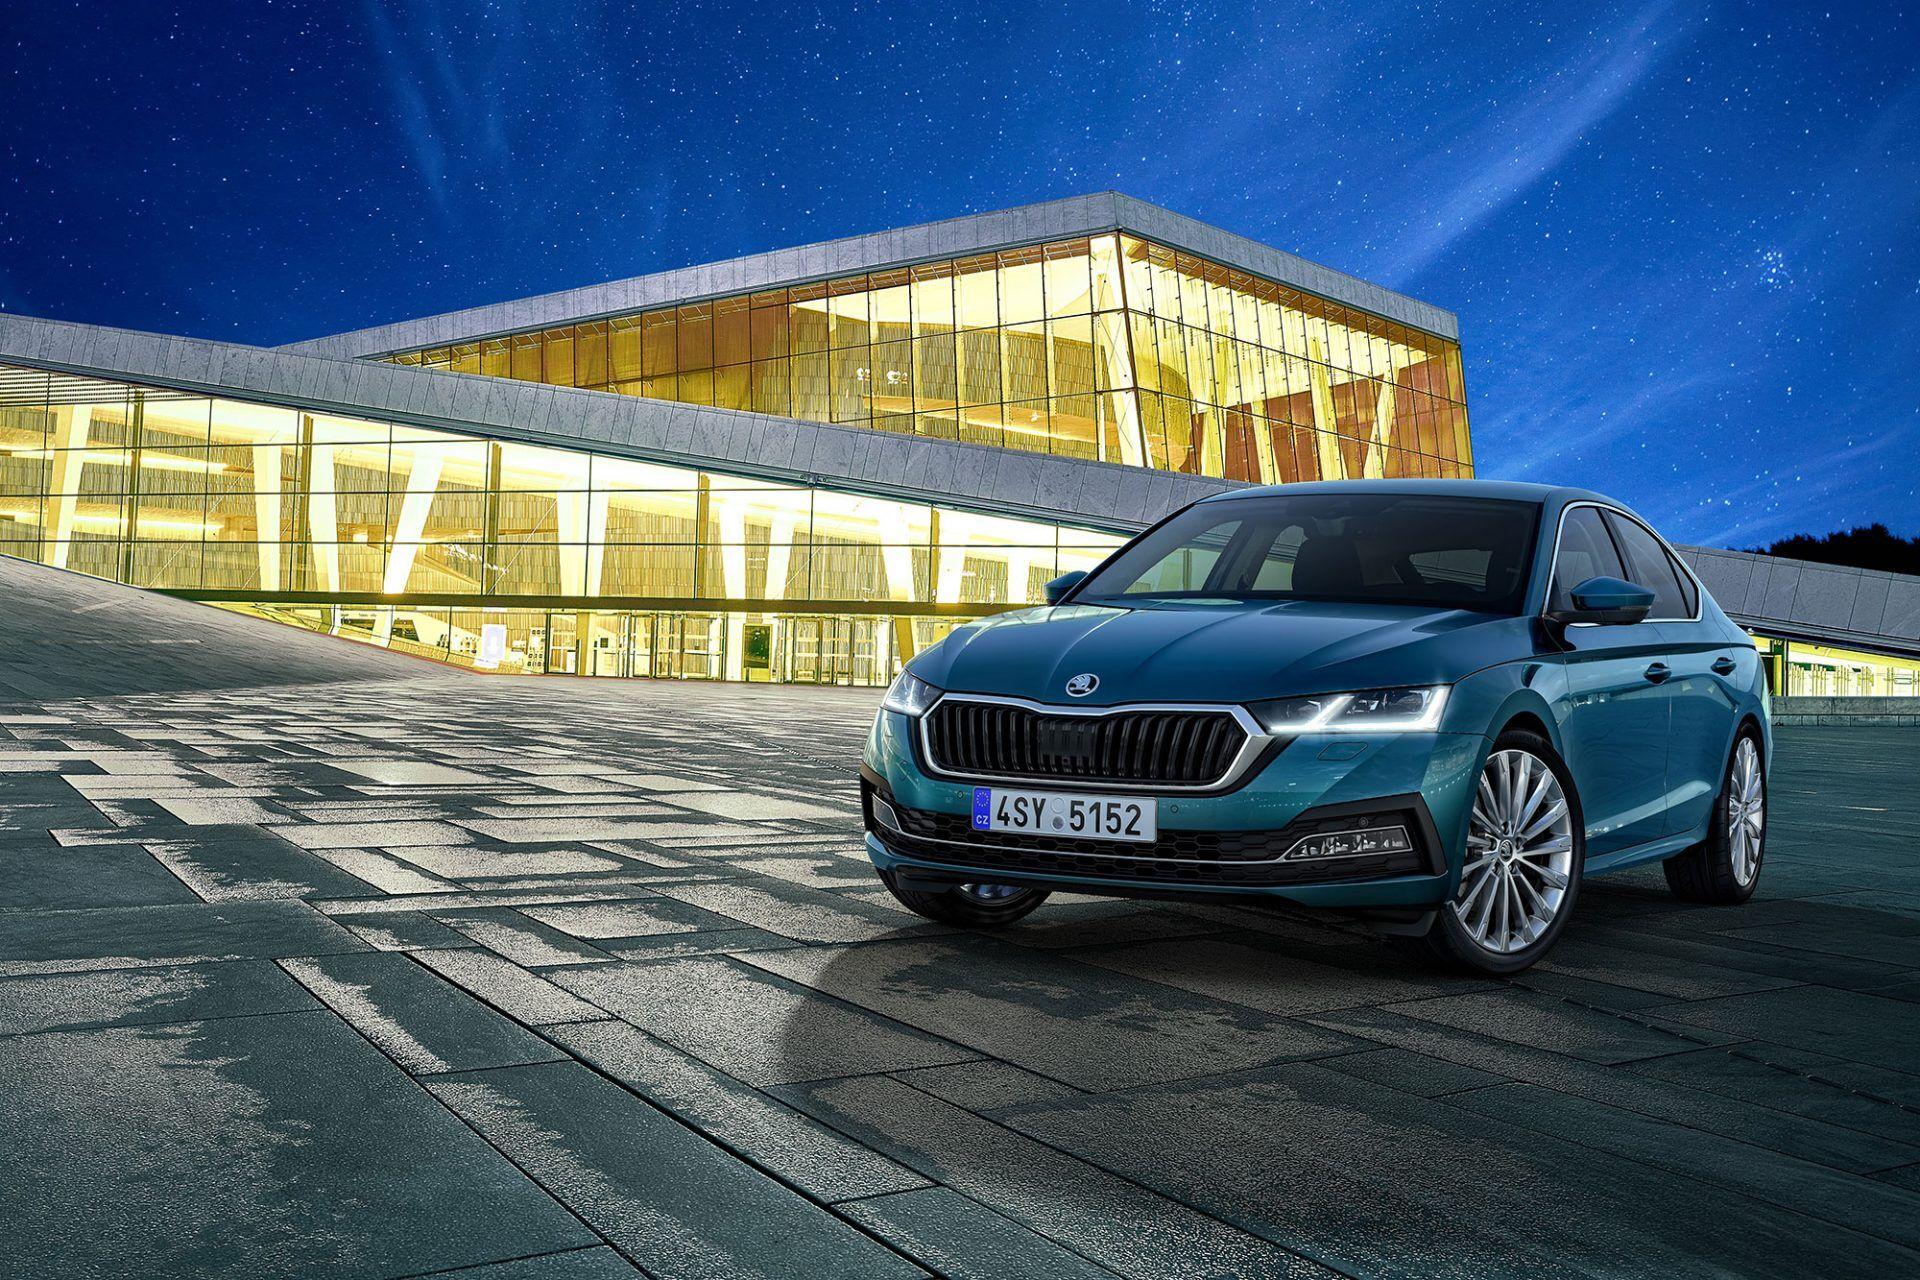 Skoda Octavia нового поколения дебютировала в прошлом году